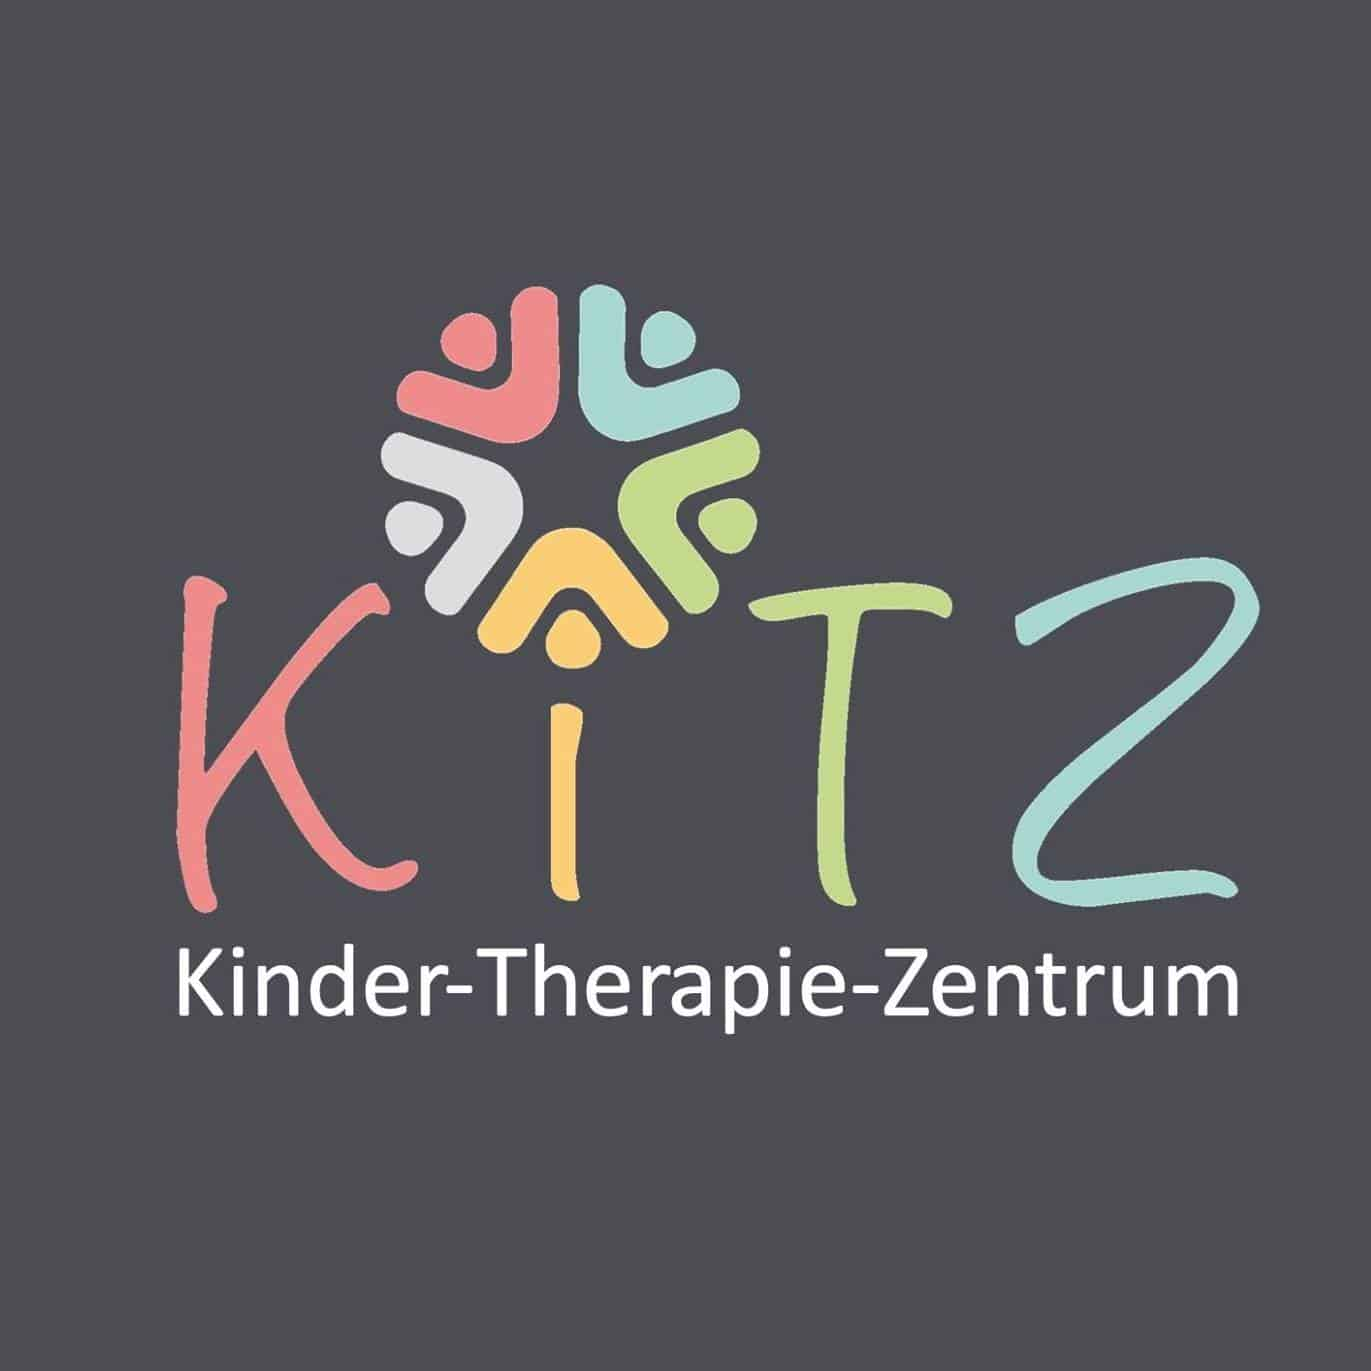 Kinder-Therapie-Zentrum Weiswampach